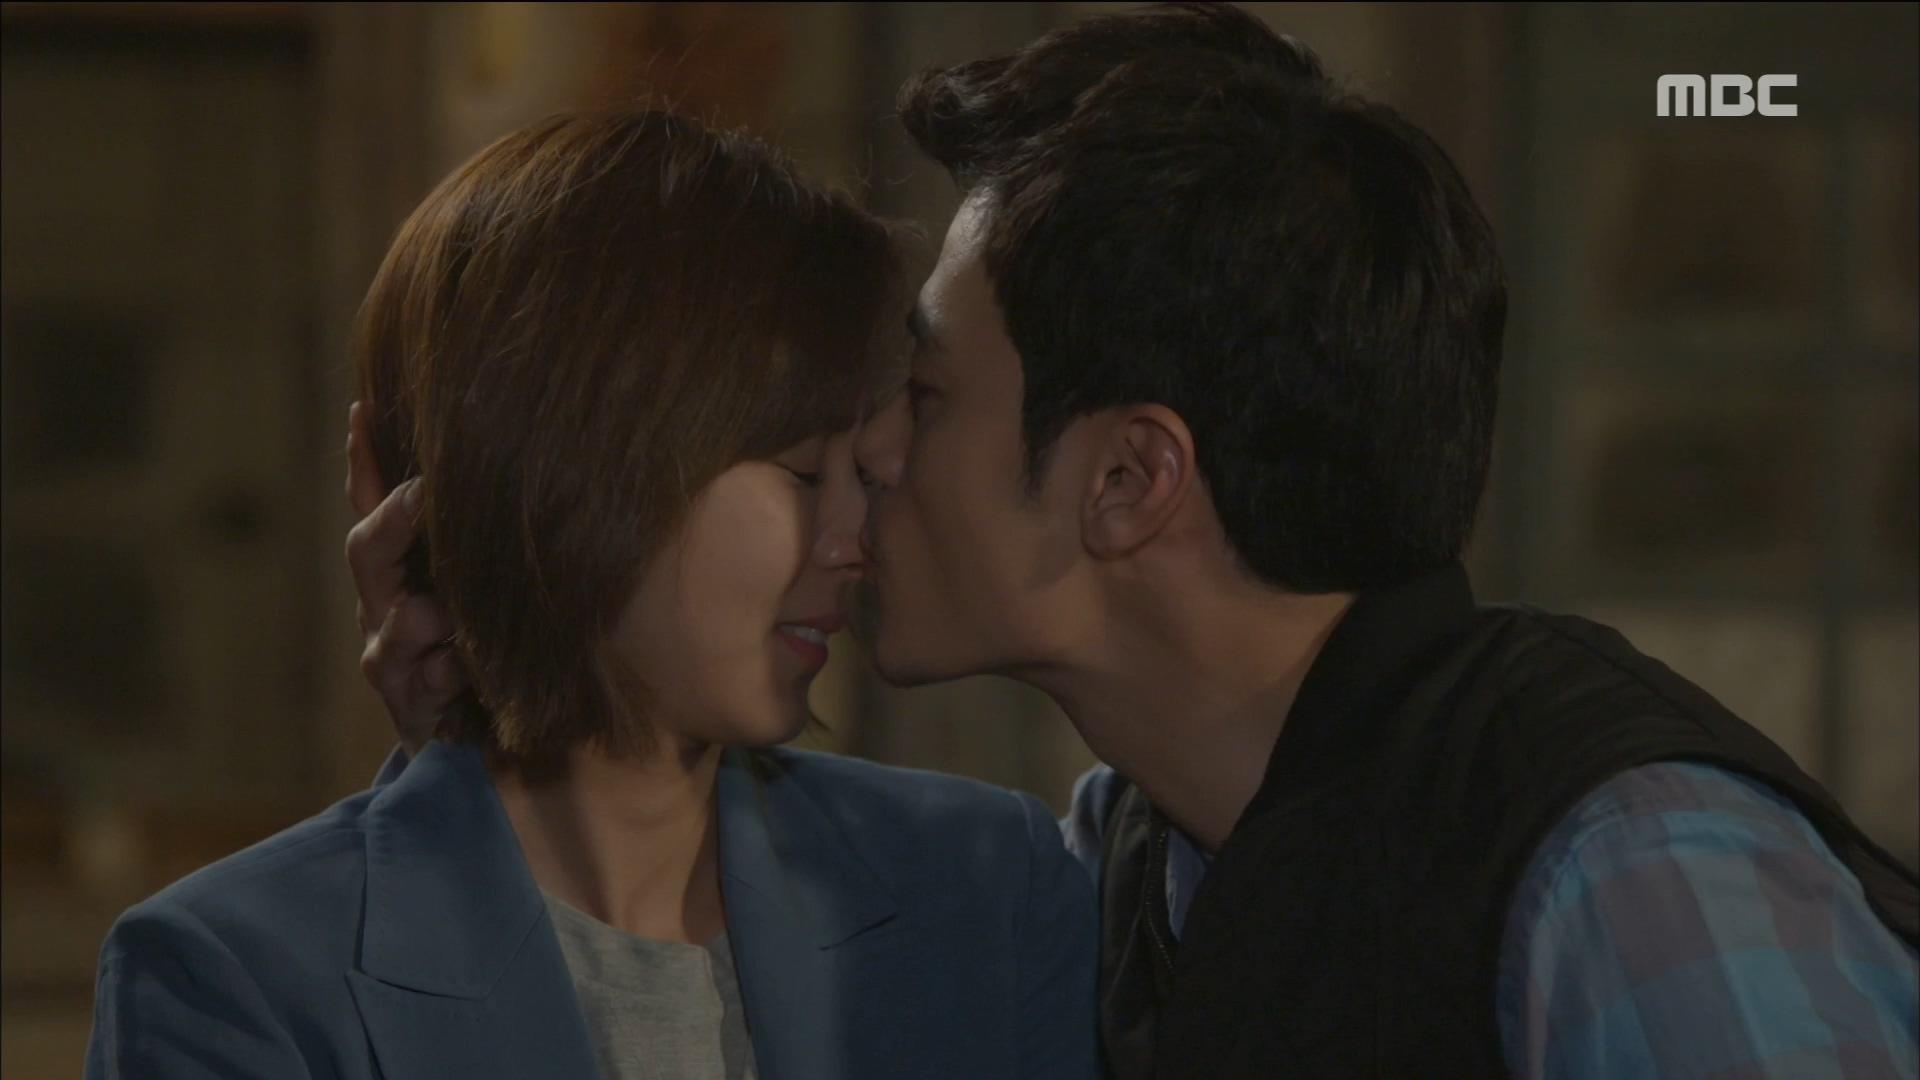 '사랑해' 고백한 유이에게 김강우, 달콤한 뽀뽀 세례♡